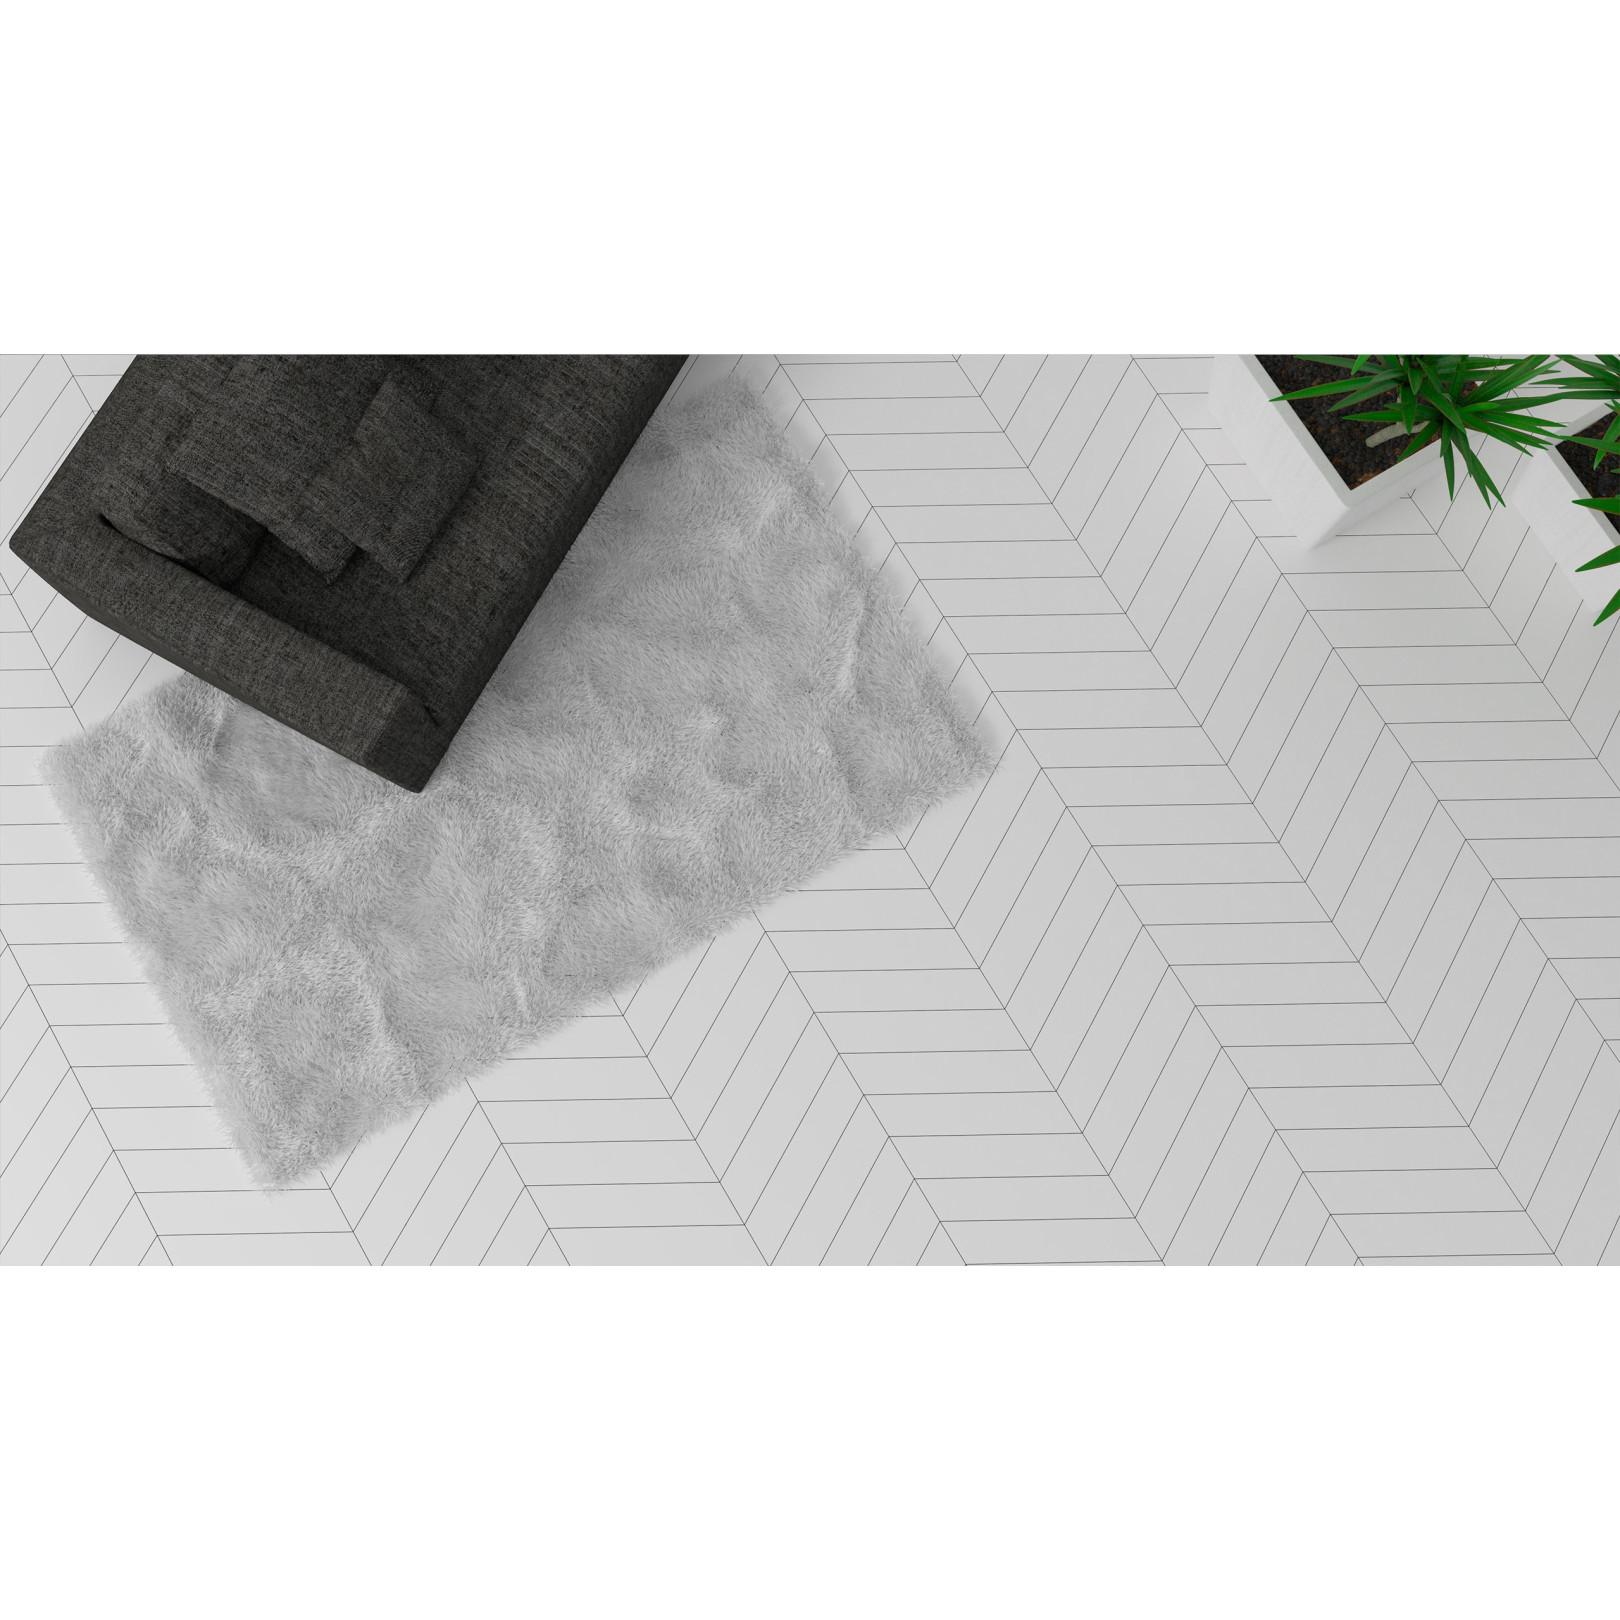 Carrelage gr s c rame chevron floor effet graphique 3 for Carrelage graphique